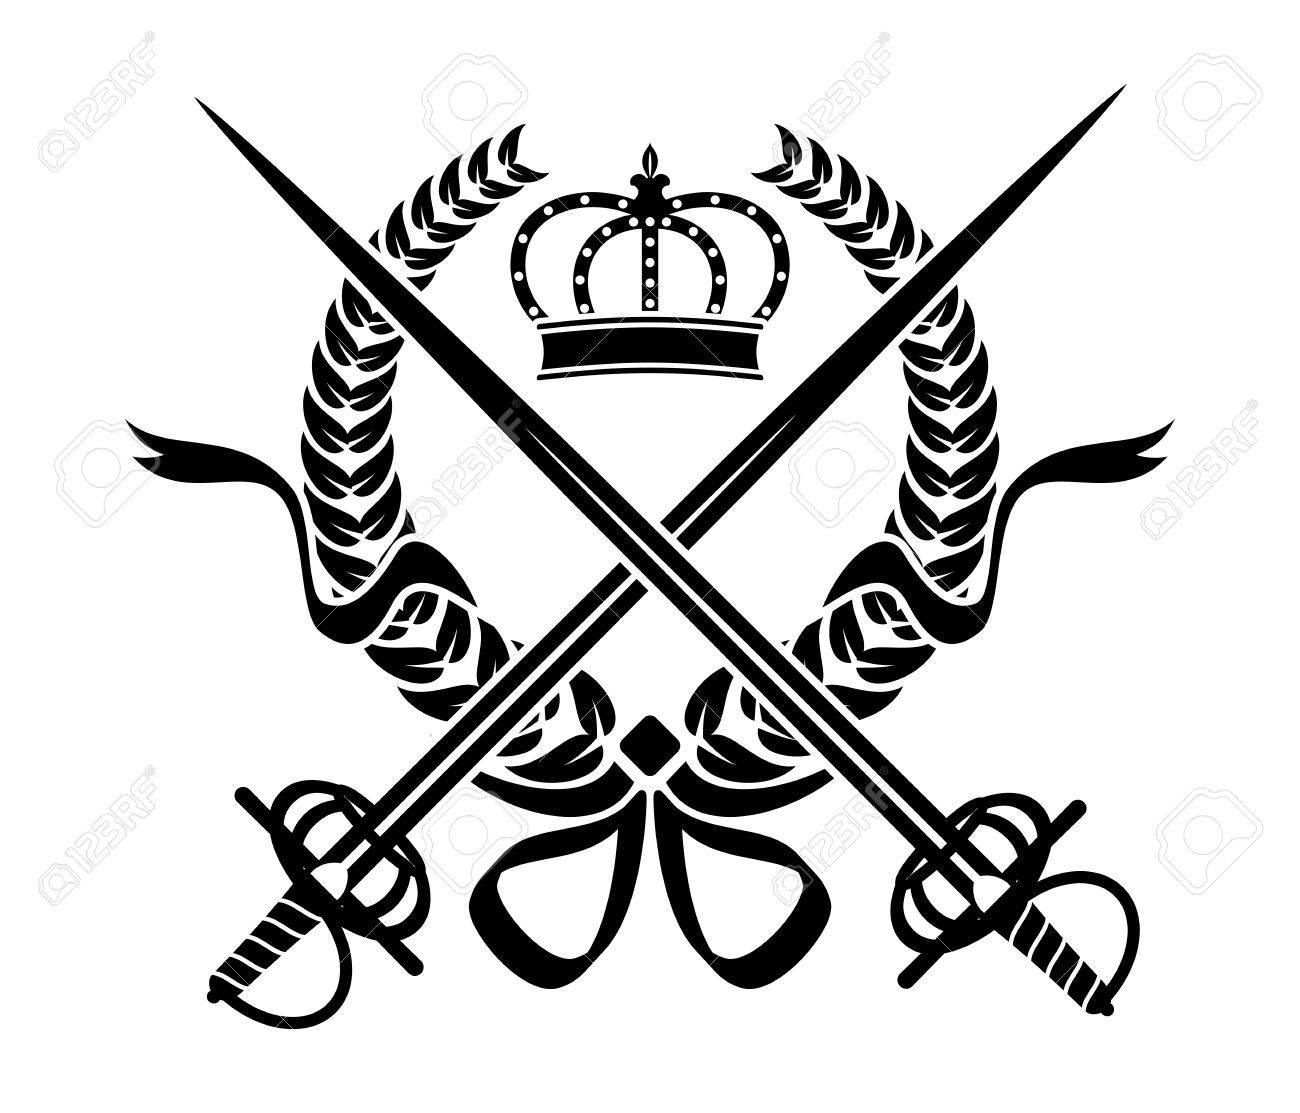 Diseño Heráldico Blanco Y Negro Con Una Corona De Follaje Espadas Y